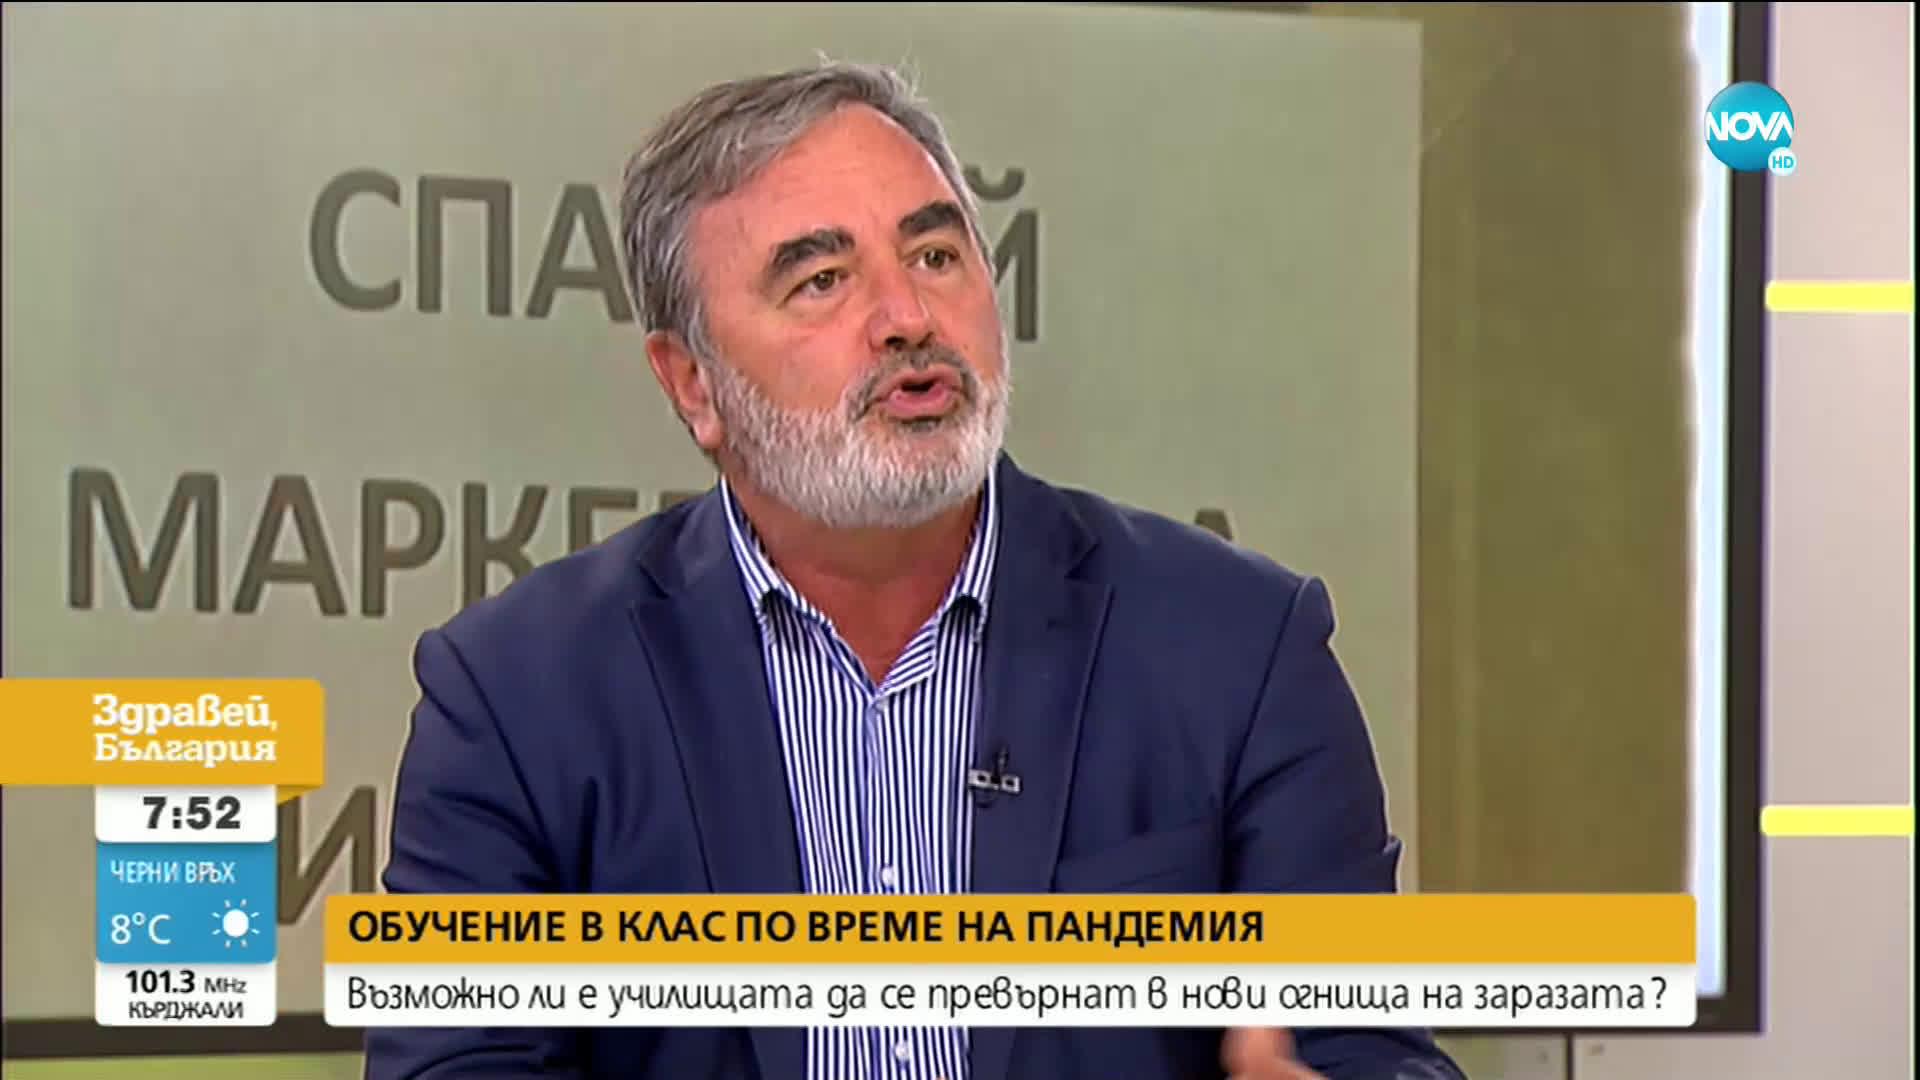 Доц. Кунчев: Уплашен съм от нивото на разпространение на слухове и неверни новини